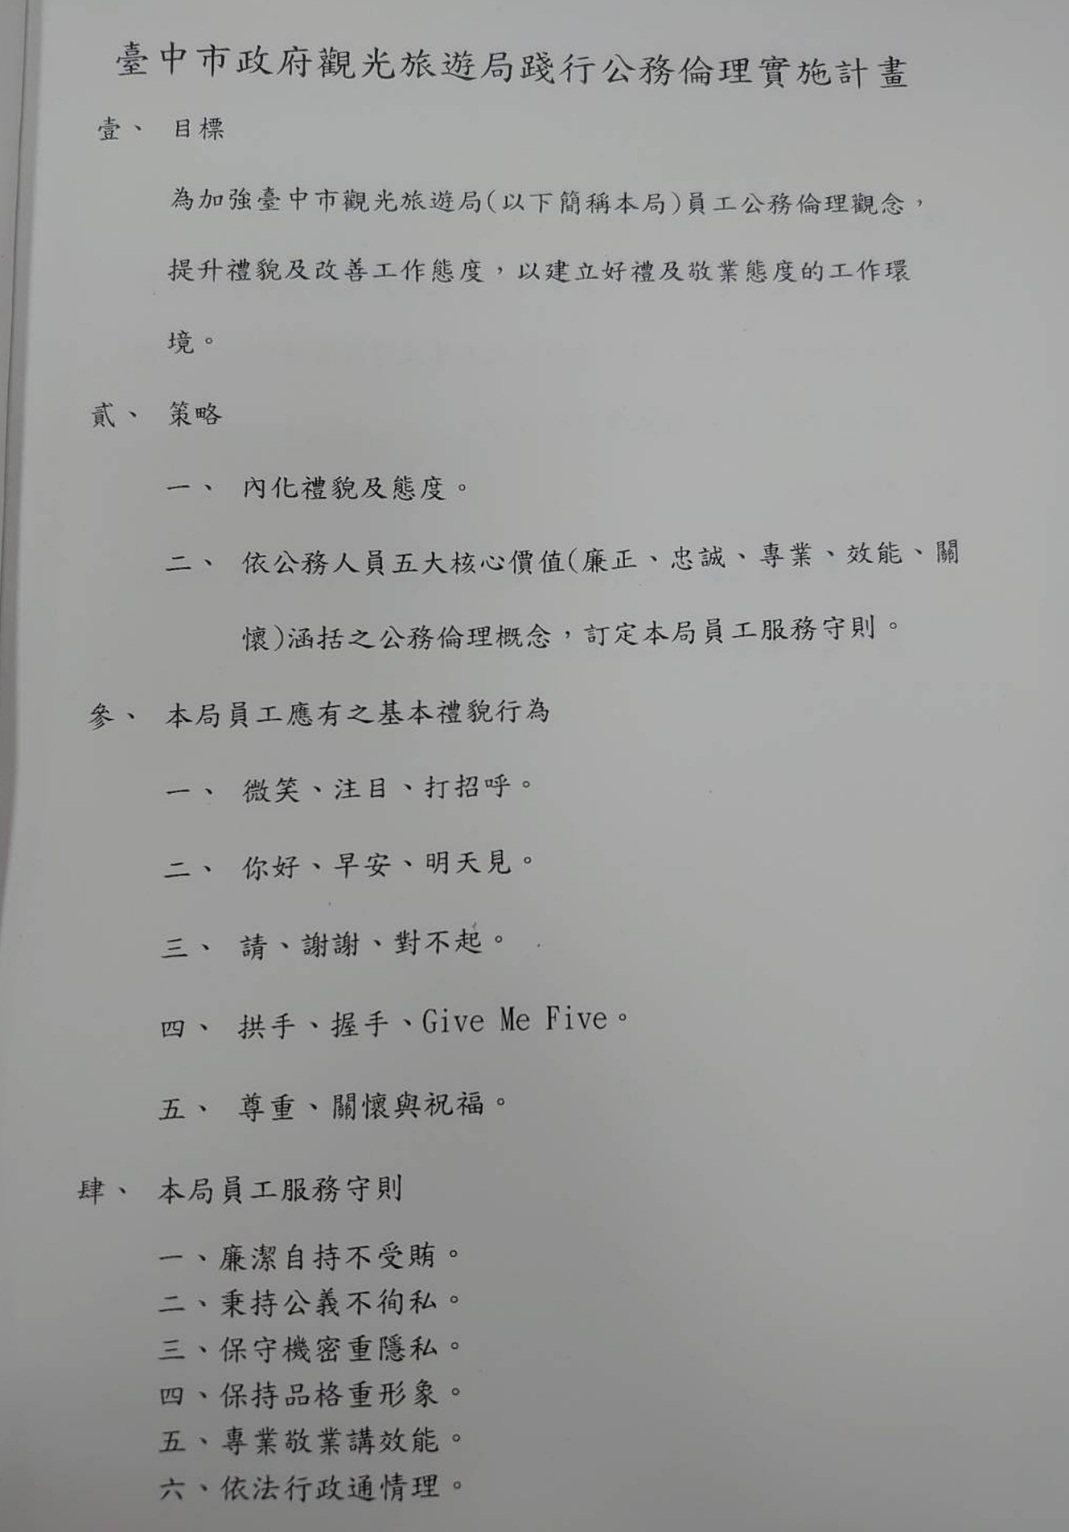 台中市觀旅局長林筱淇制訂「公務倫理實施計畫」引起其他28局處議論。圖/讀者提供